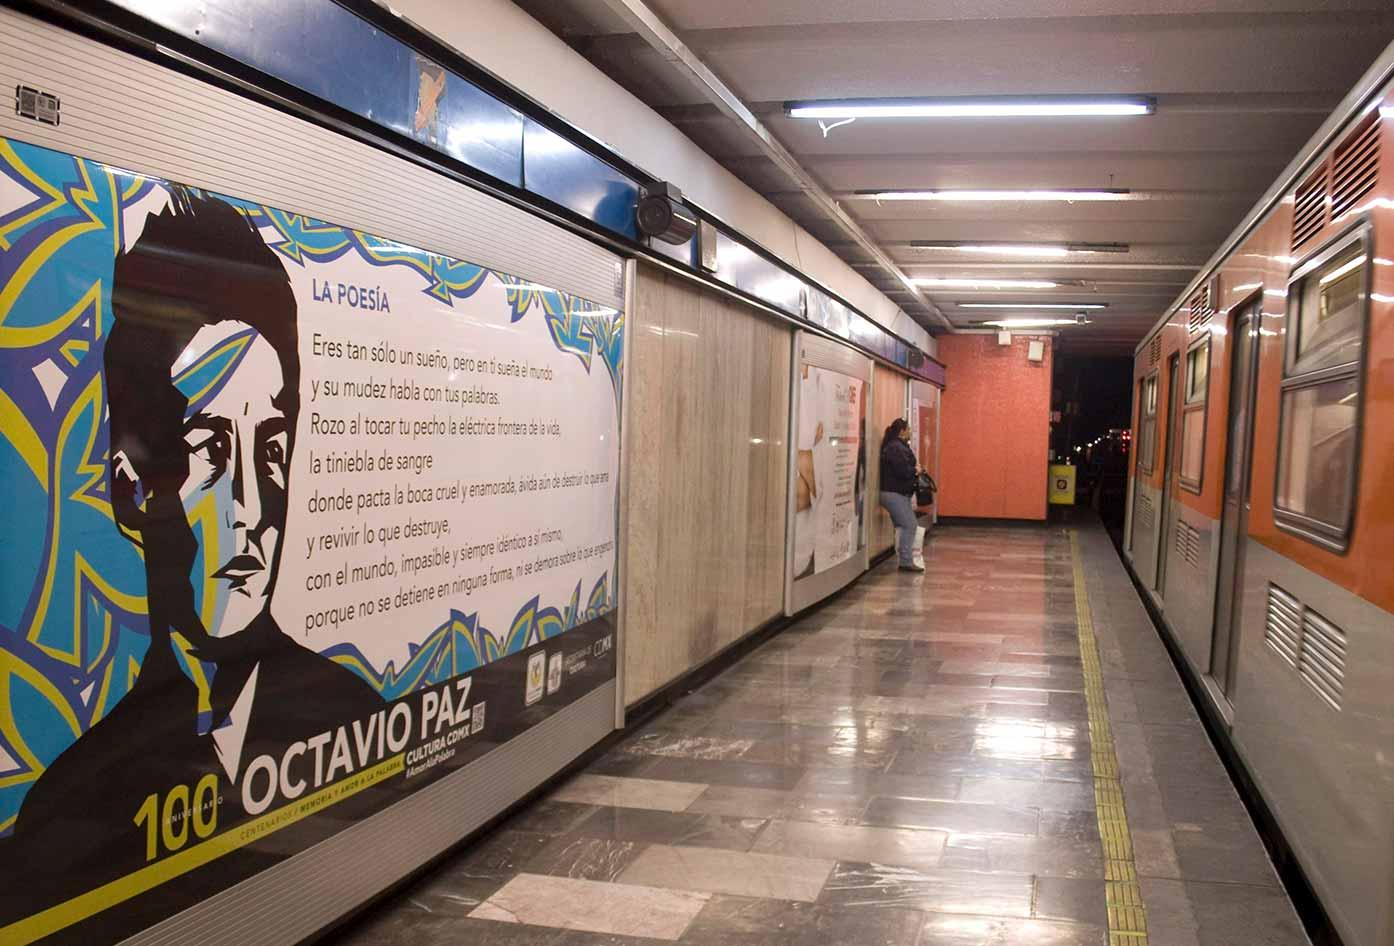 octavio paz mexico